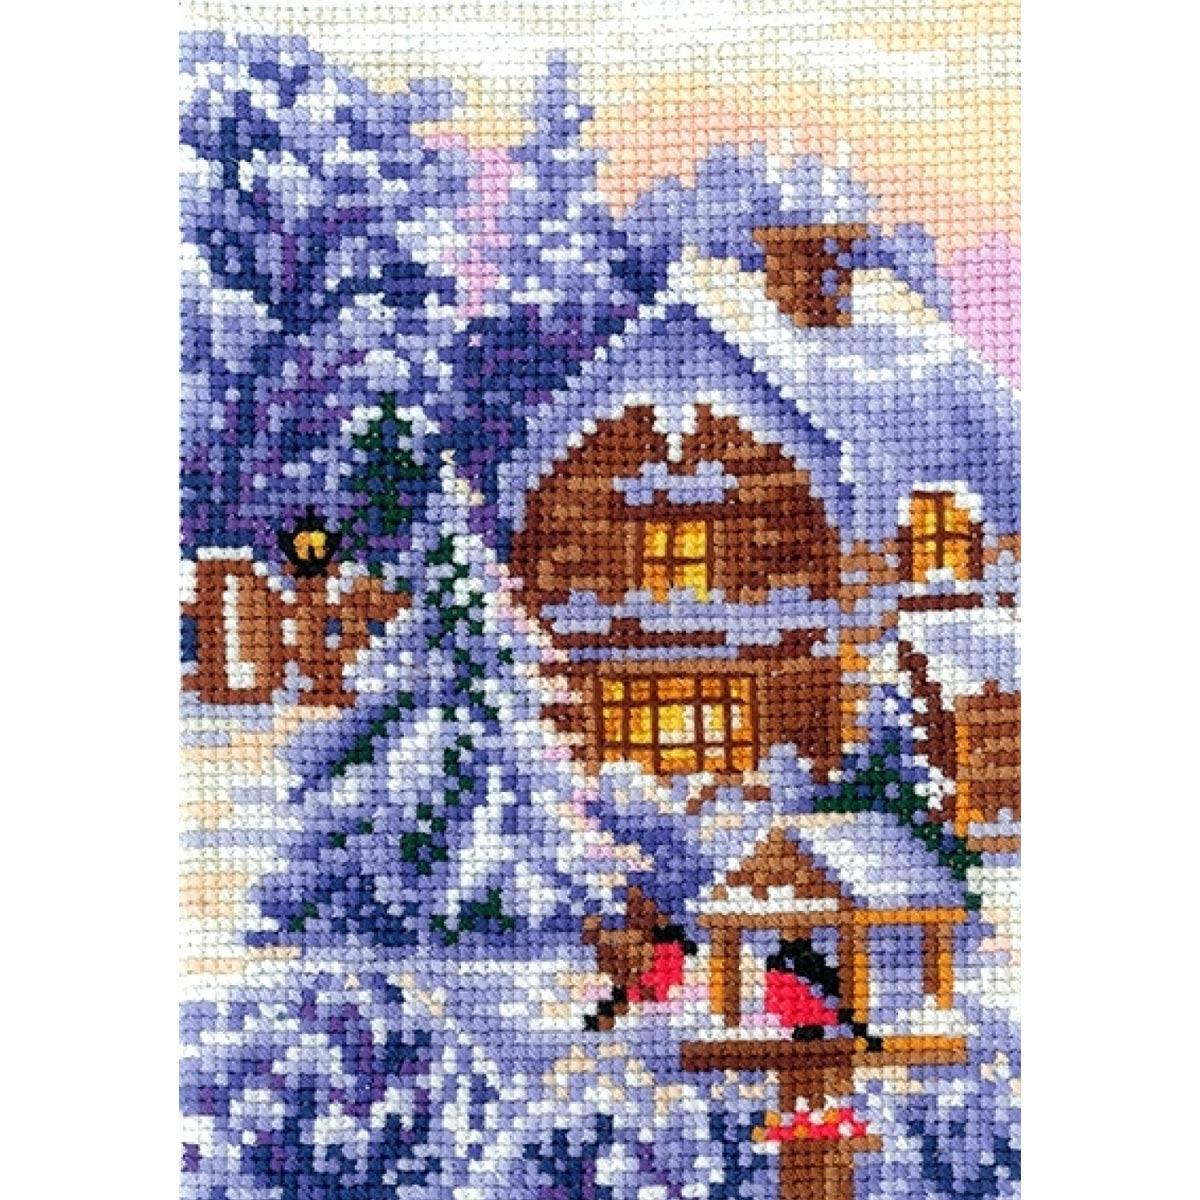 В-21 Набор для вышивания 'Времена года. Зима', 10*15 см